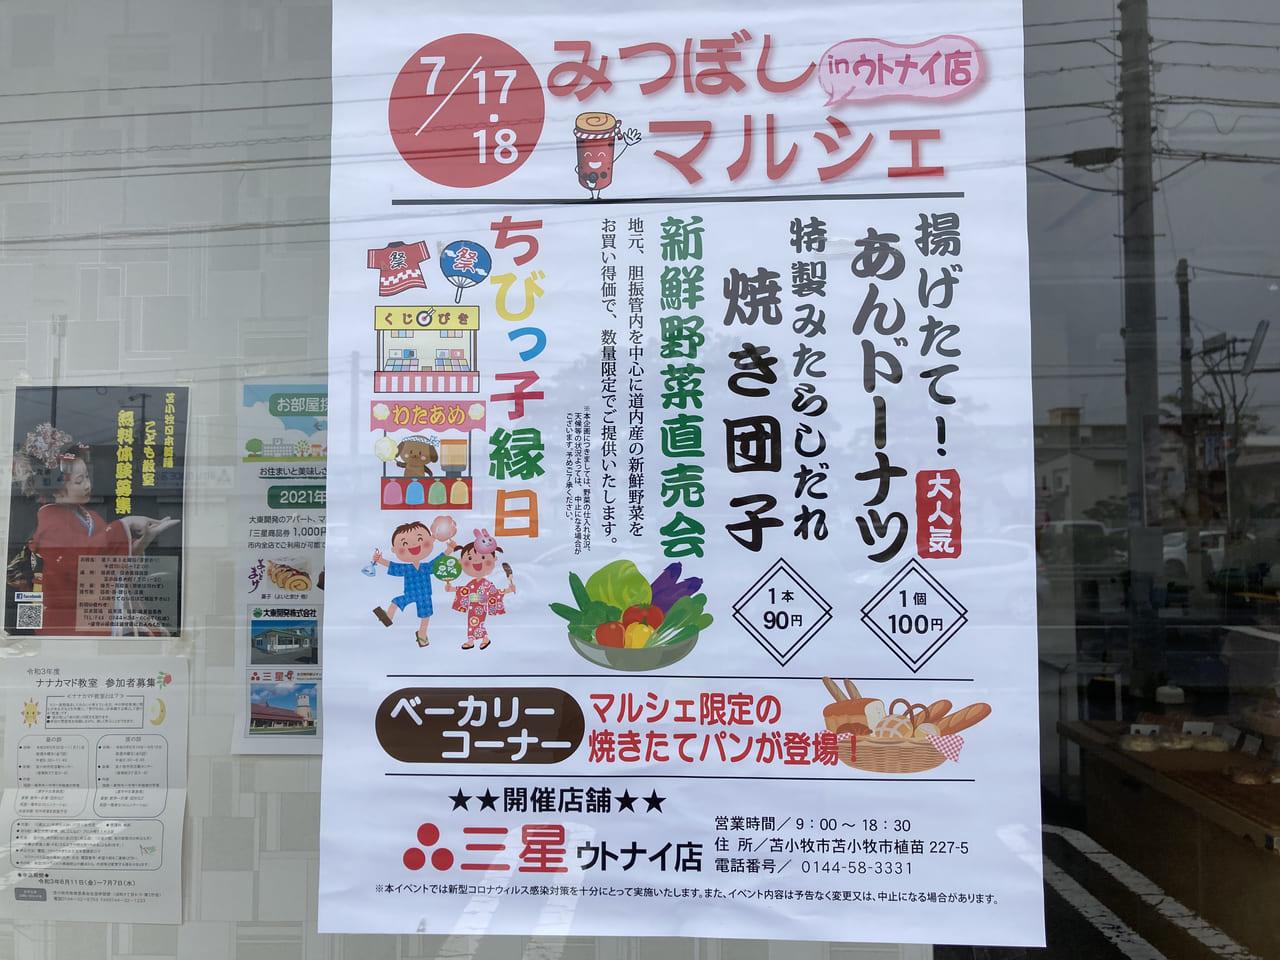 7月17日イベントポスター